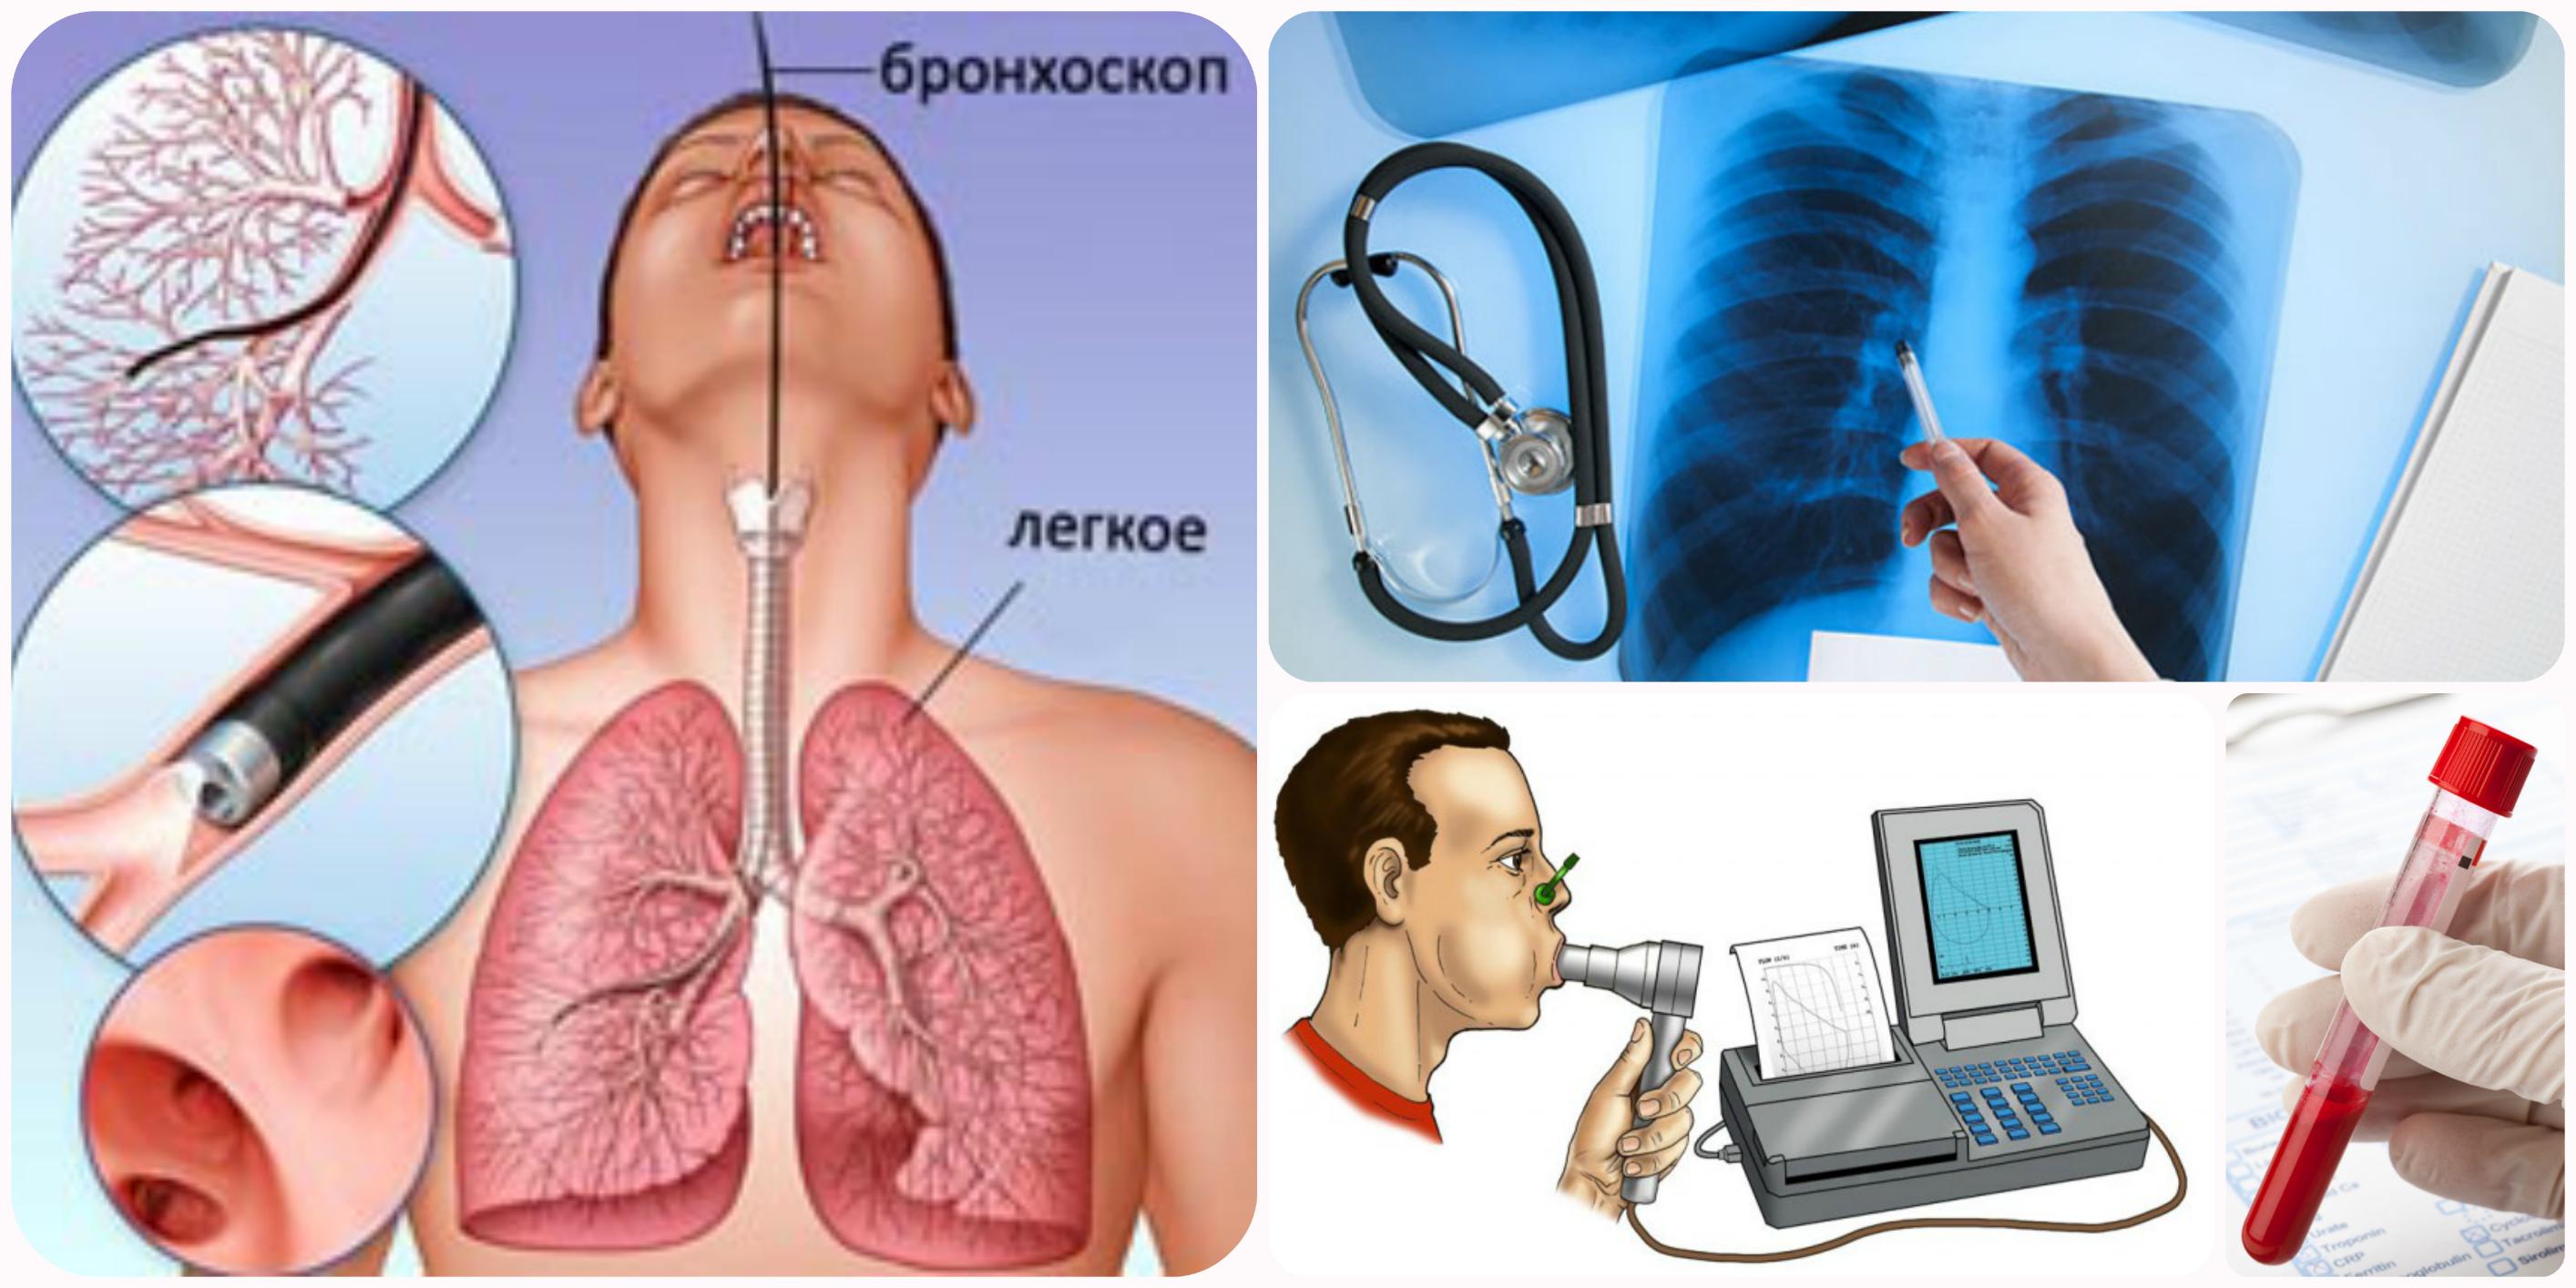 Пульмонолог - что за врач и какие болезни он лечит?